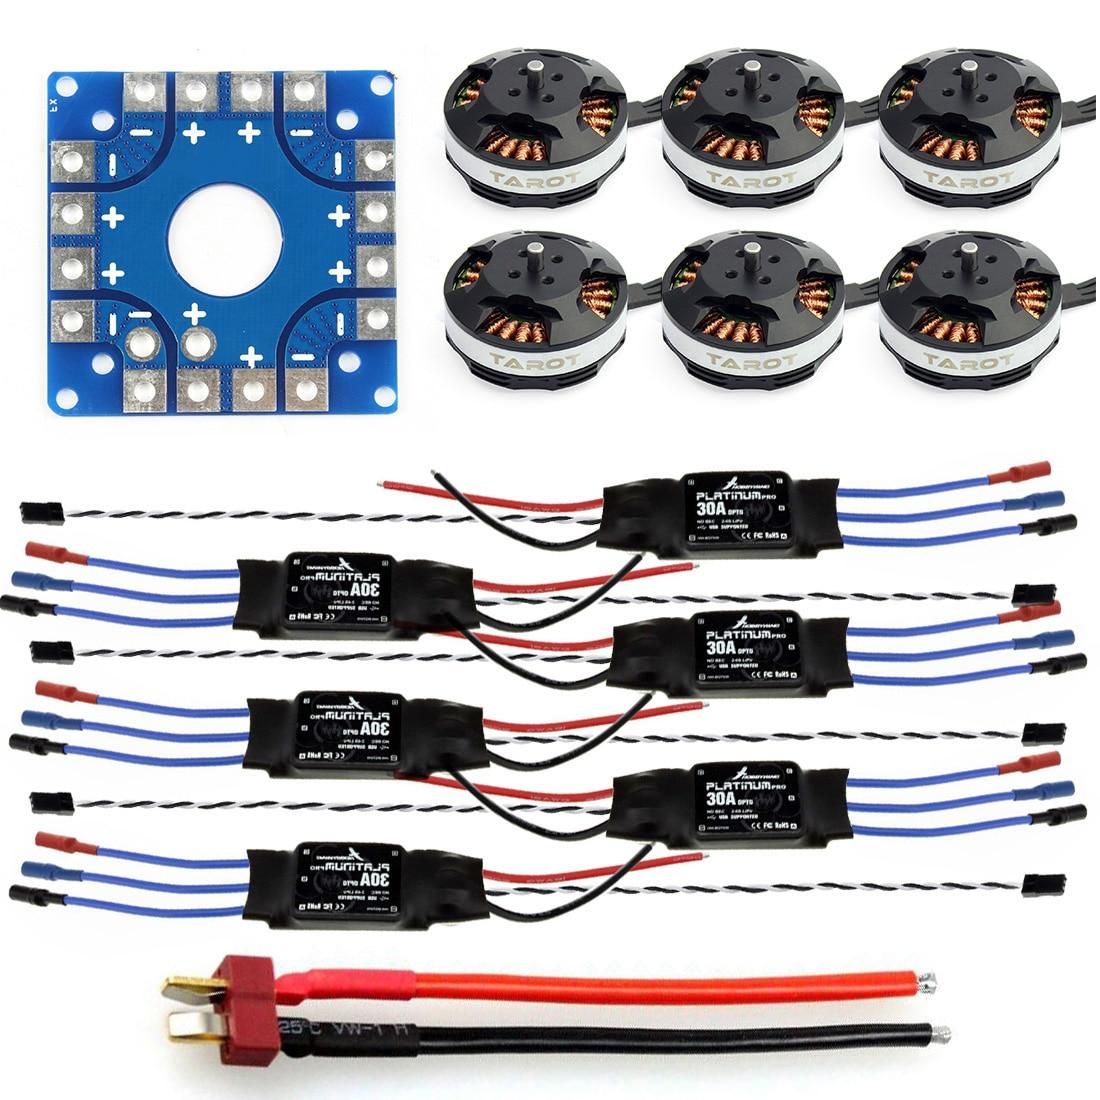 Kit ensamblado 30A ESC + Tarot 620Kv Motor + conectores de placa de conexión KK ESC Cable de enchufe Dean T para F04997-D Hexacopter de 6 ejes